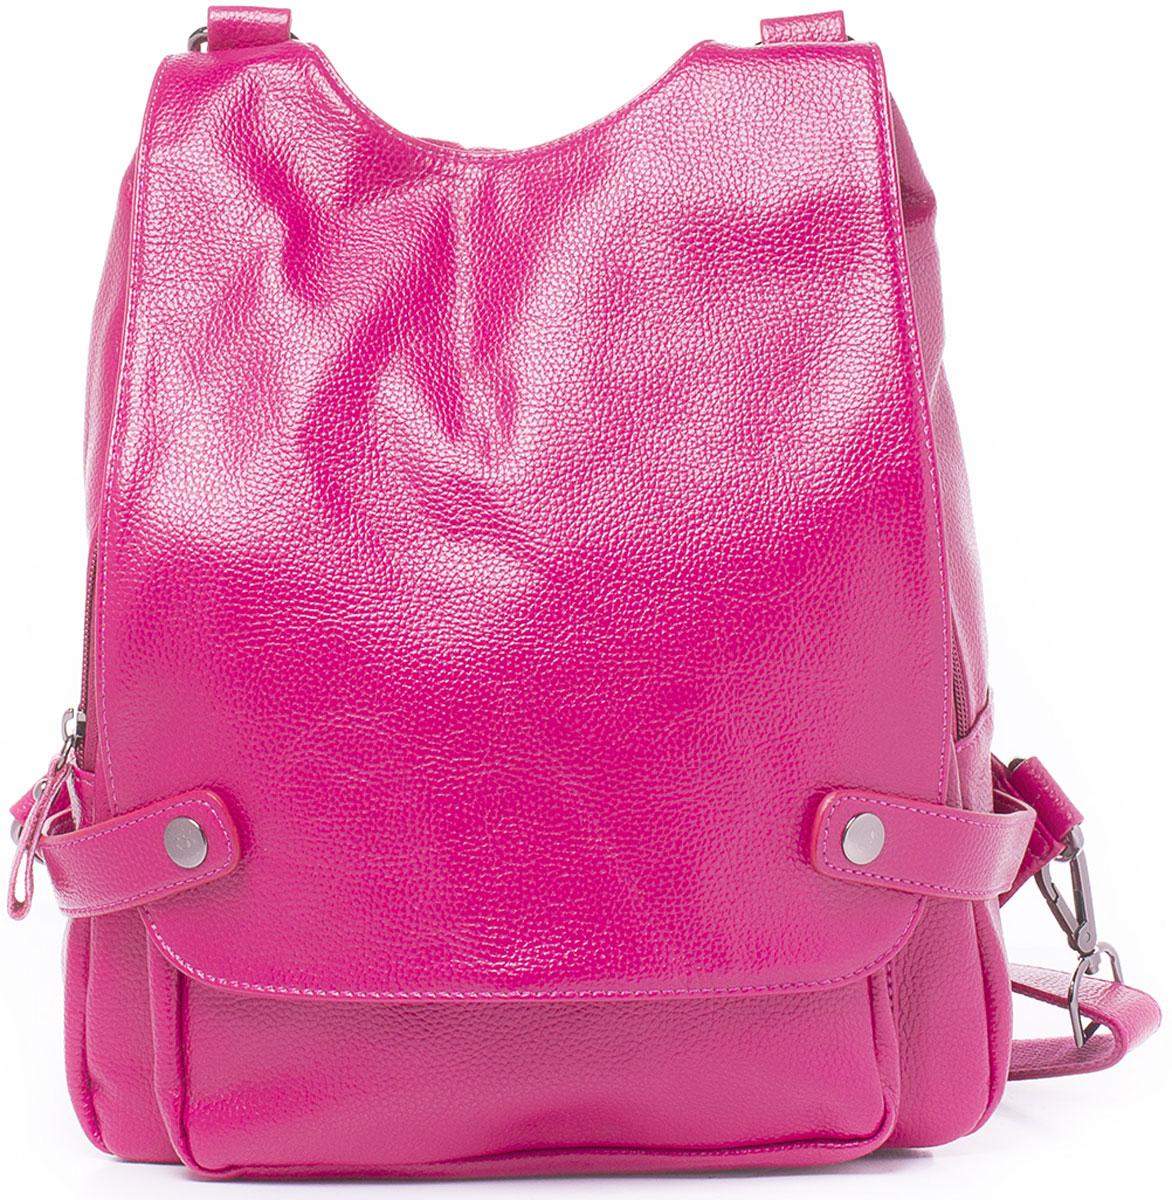 Рюкзак женский Baggini, цвет: фуксия. 29850/64BM8434-58AEМногофункциональный рюкзак-трансформер Baggini обрадует вас своей практичностью и уникальностью. Рюкзак имеет две отстежные регулируемые наплечные лямки и одну отстежную ручку, все пристегивается и отстегивается на удобных карабинах. Благодаря этому, по вашему желанию, рюкзак может превращаться в сумку. Все передние карманы и отделения рюкзака надежно защищены от нежелательного проникновения большой пристегивающейся на кнопки крышкой. Под крышкой находится один вместительный накладной наружный карман на магнитной кнопке и главное отделение на застежке-молнии. Внутри отделения имеются два накладных кармашка для телефона или мелочей, один прорезной карман на застежке-молнии, карман-разделитель, так же на молнии, и накладной карман за ним. Снаружи рюкзака так же имеется один вертикальный прорезной карман на застежке-молнии, он находится на спинке изделия. Изделие исполнено из высококачественной экокожи. Обе отстежные лямки и ручка прилагаются.